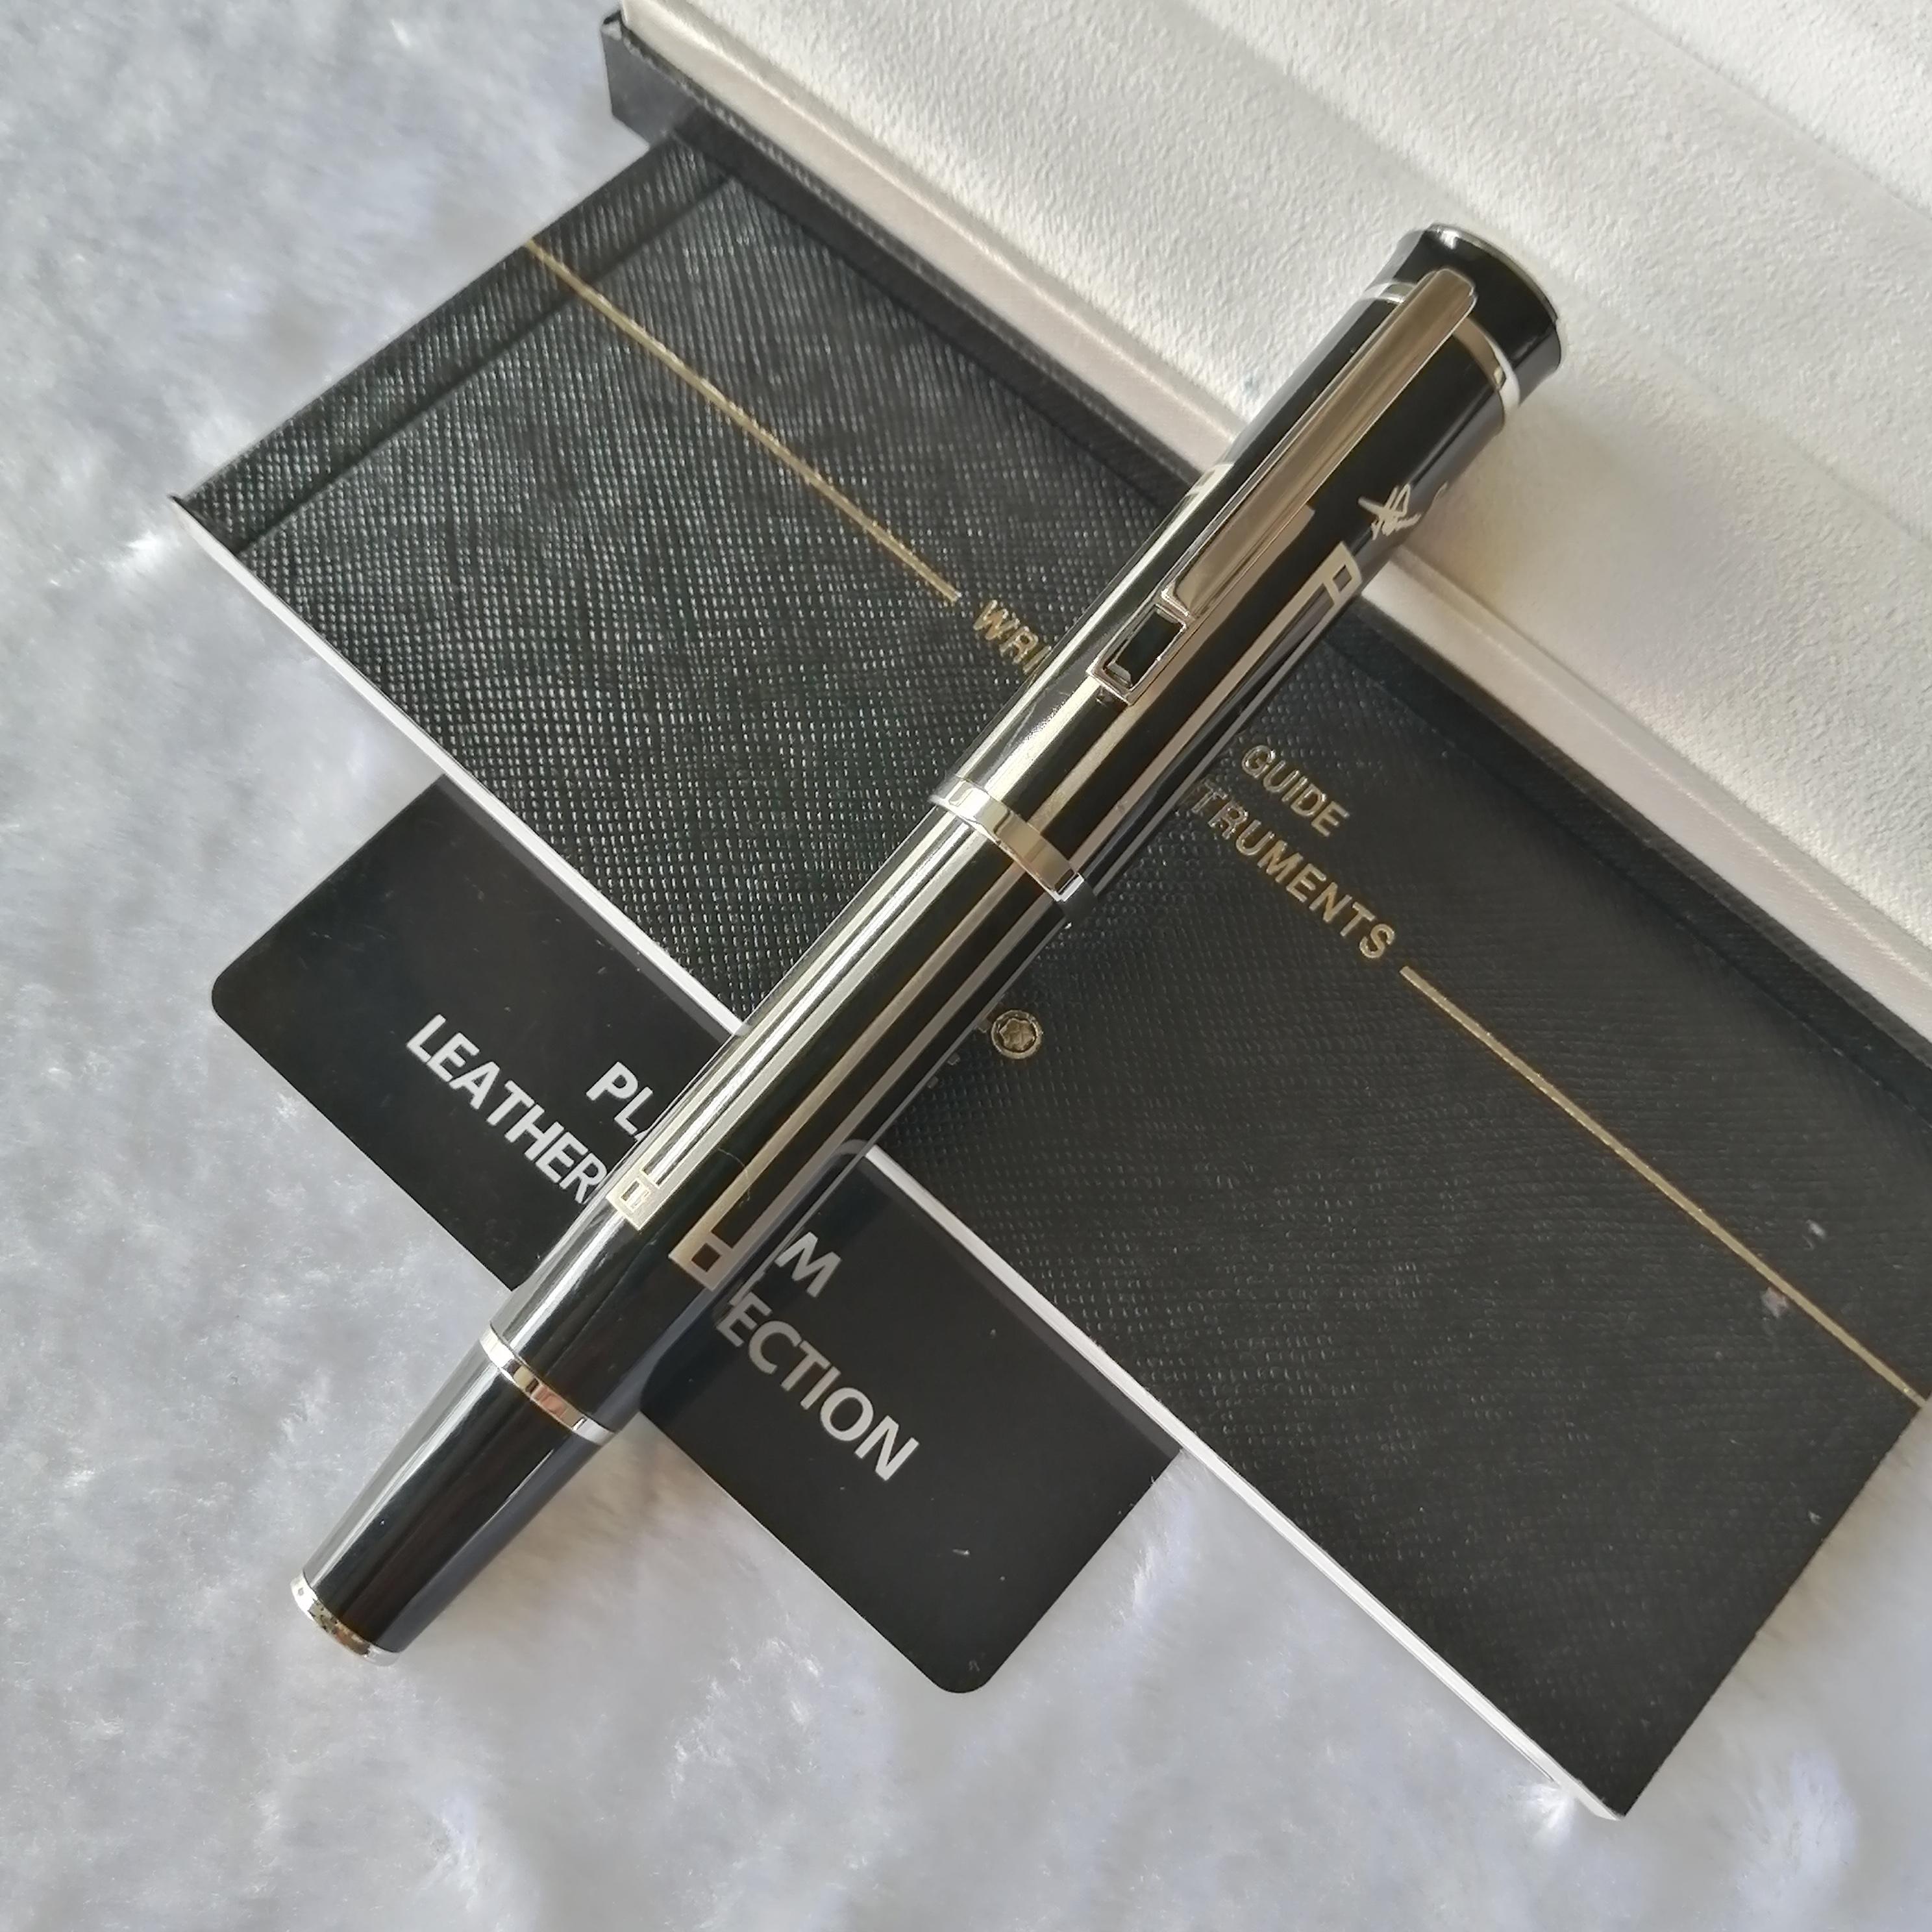 PM grand écrivain de la série Thomas Mann édition spéciale numéro série d'écriture de luxe en douceur Rollerball Pen + cadeau + peluche Recharge poche